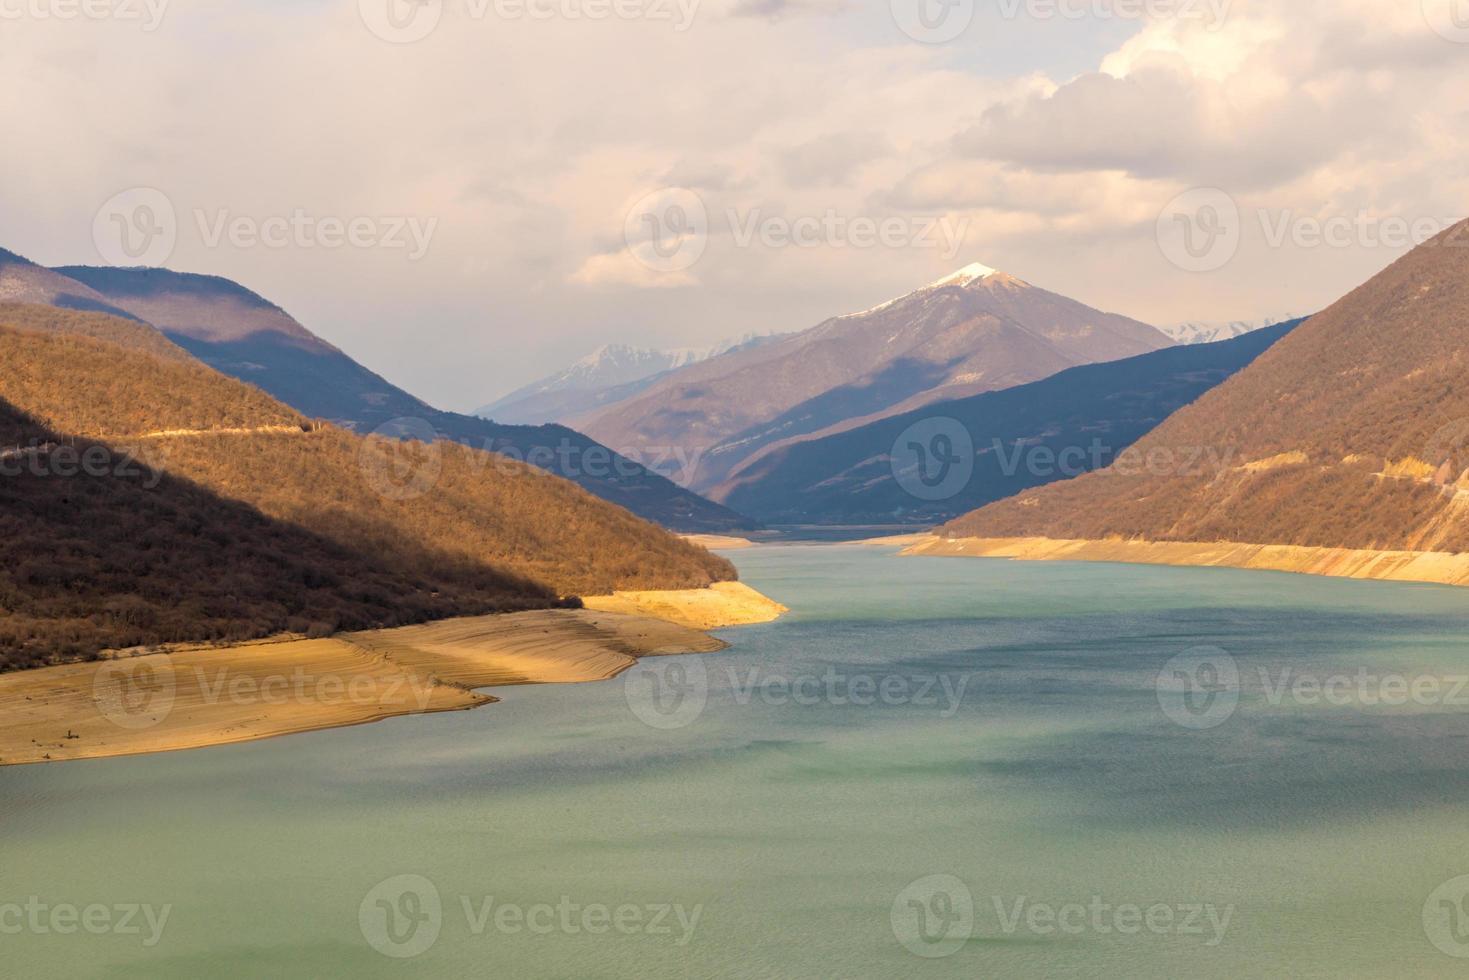 kaukasische Berge in der Nähe des grünen Sees und erstaunliche Wolken foto